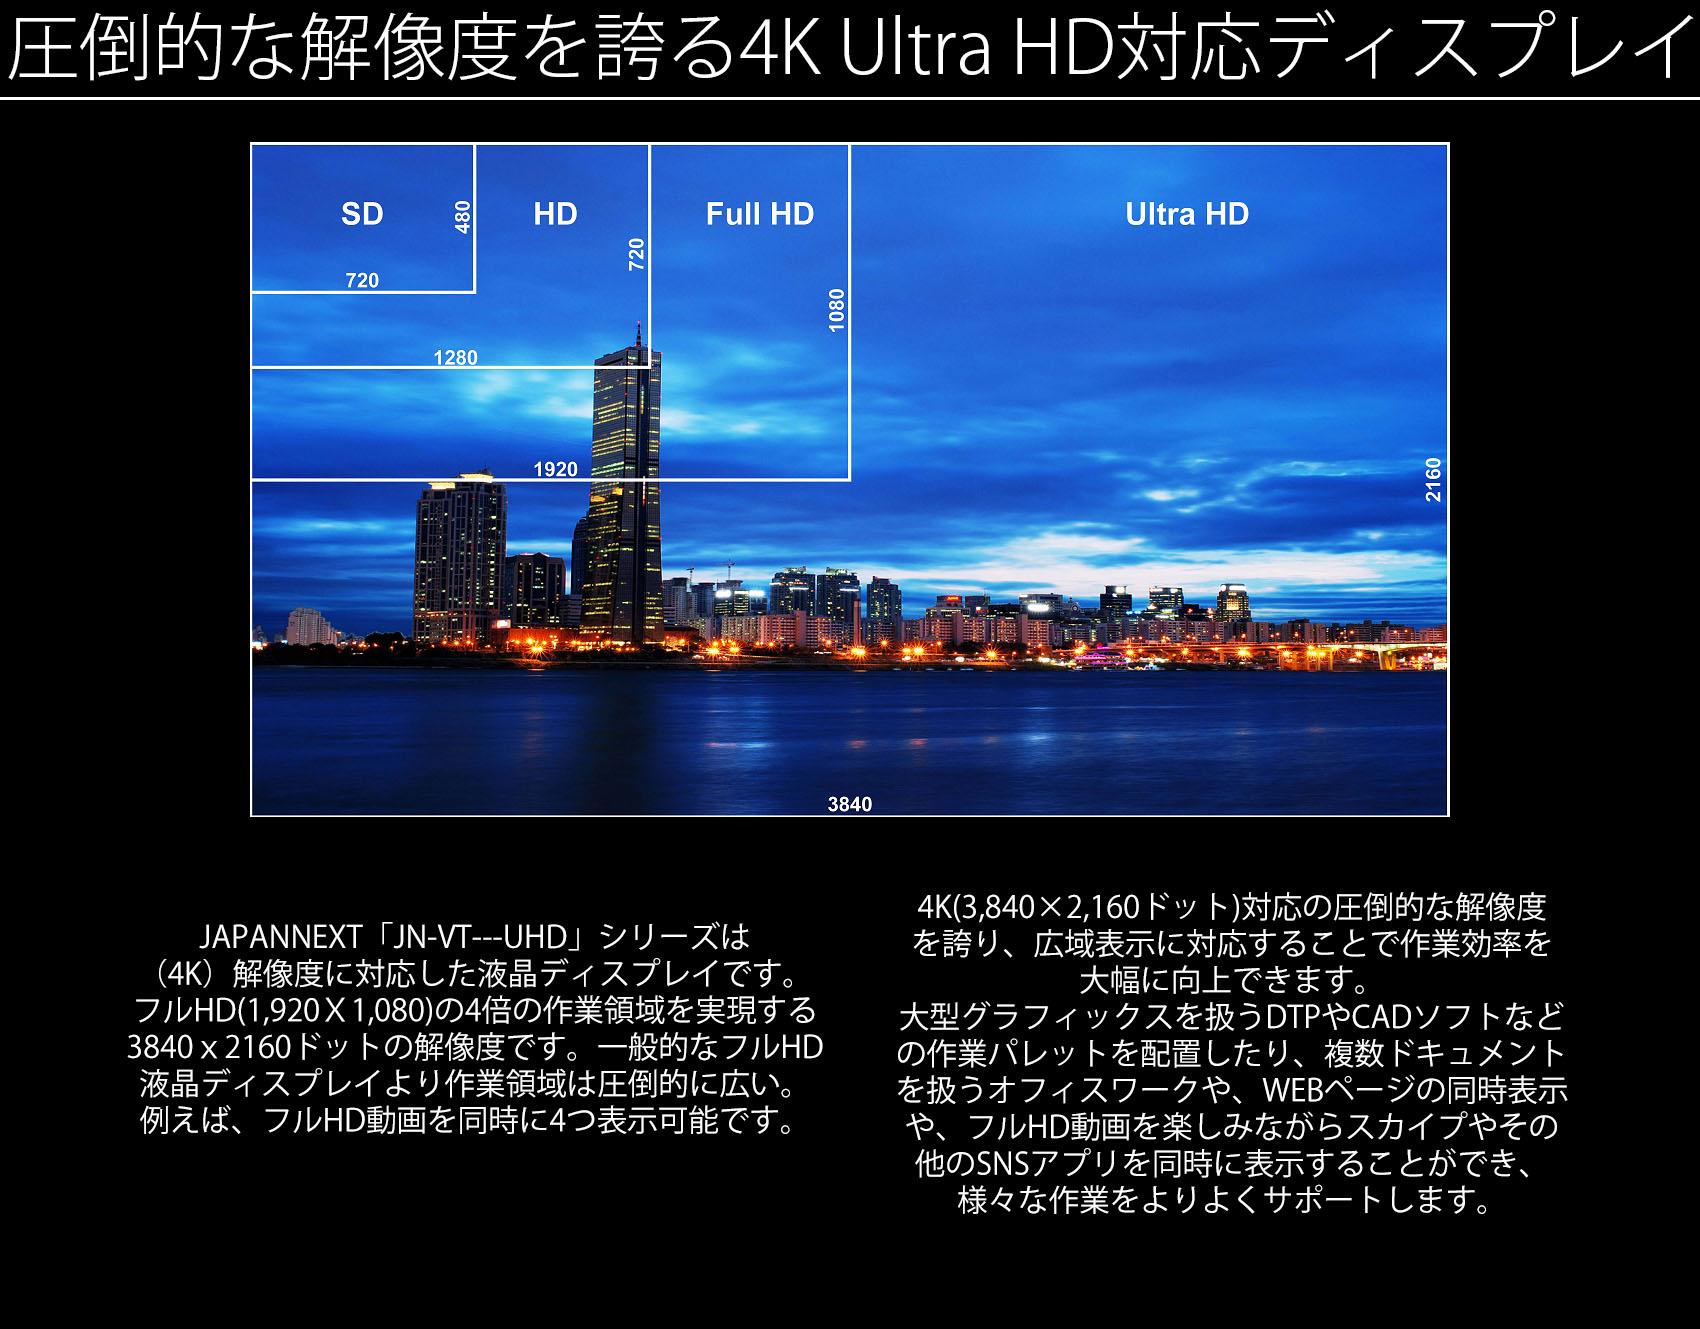 JAPANNEXT「JN-IPS4302TUHD」は43インチのUHD(4K)解像度に対応した液晶ディスプレイです。フルHD(1920×1080)の4倍の作業領域を実現する3840x2160ドットの解像度です。一般的なフルHD液晶ディスプレイより作業領域は圧倒的に広い。例えば、フルHD動画を同時に4つ表示可能です。4K対応の圧倒的な解像度を誇り、広域表示に対応することで作業効率を大幅に向上できます。大型グラフィックスを扱うDTPやCADソフトなどの作業パレットを配置したり、複数ドキュメントを扱うオフィスワークや、WEBページの同時表示や、フルHD動画を楽しみながらスカイプやその他のSNSアプリを同時に表示することができ、様々な作業をよりよくサポートします。